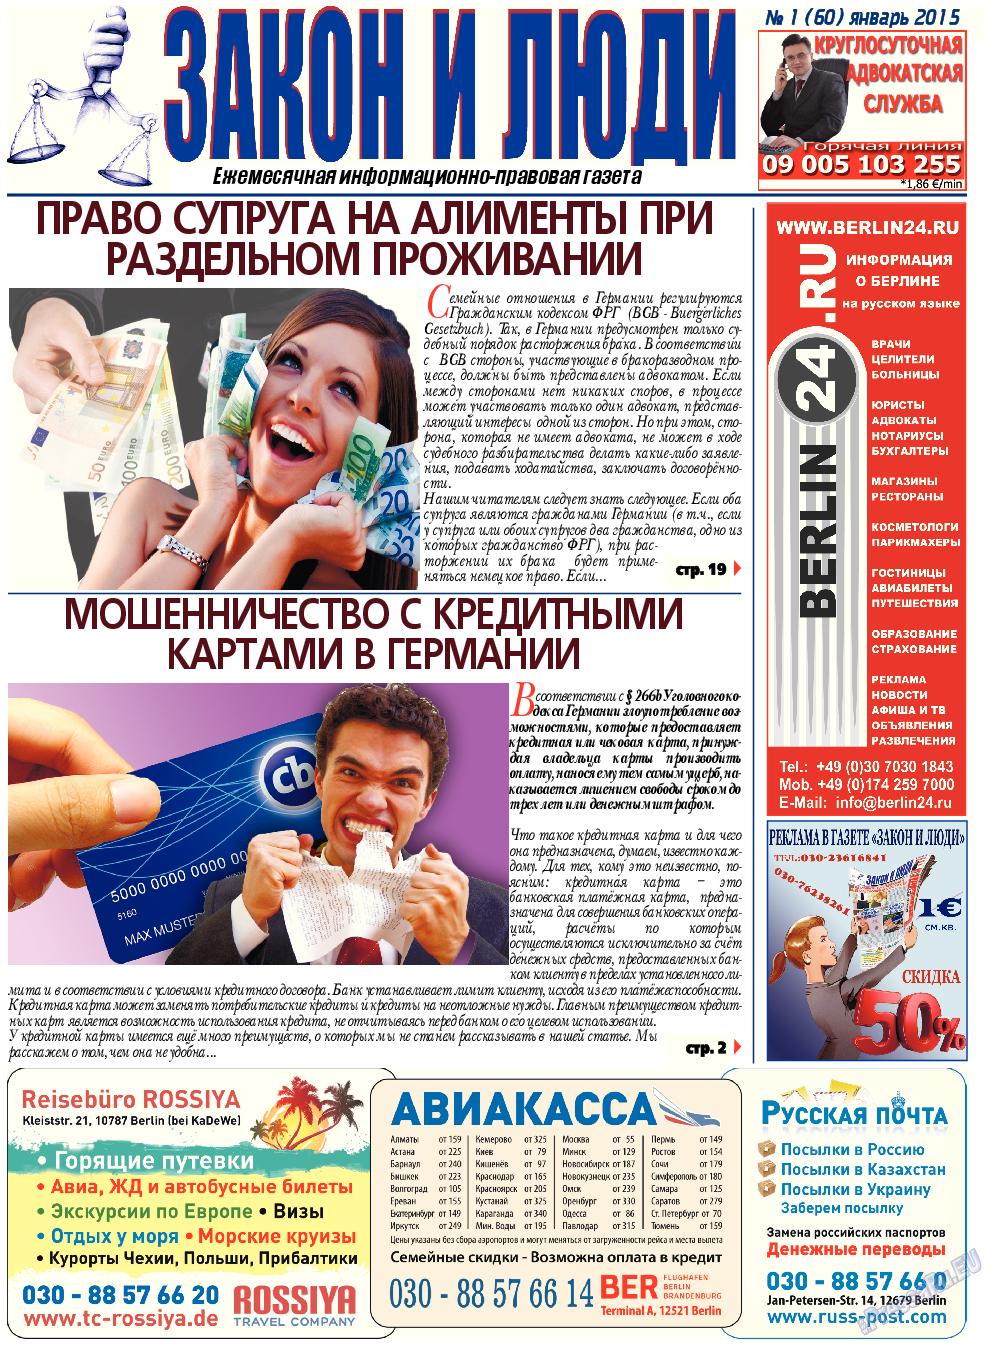 Закон и люди (газета). 2015 год, номер 1, стр. 1